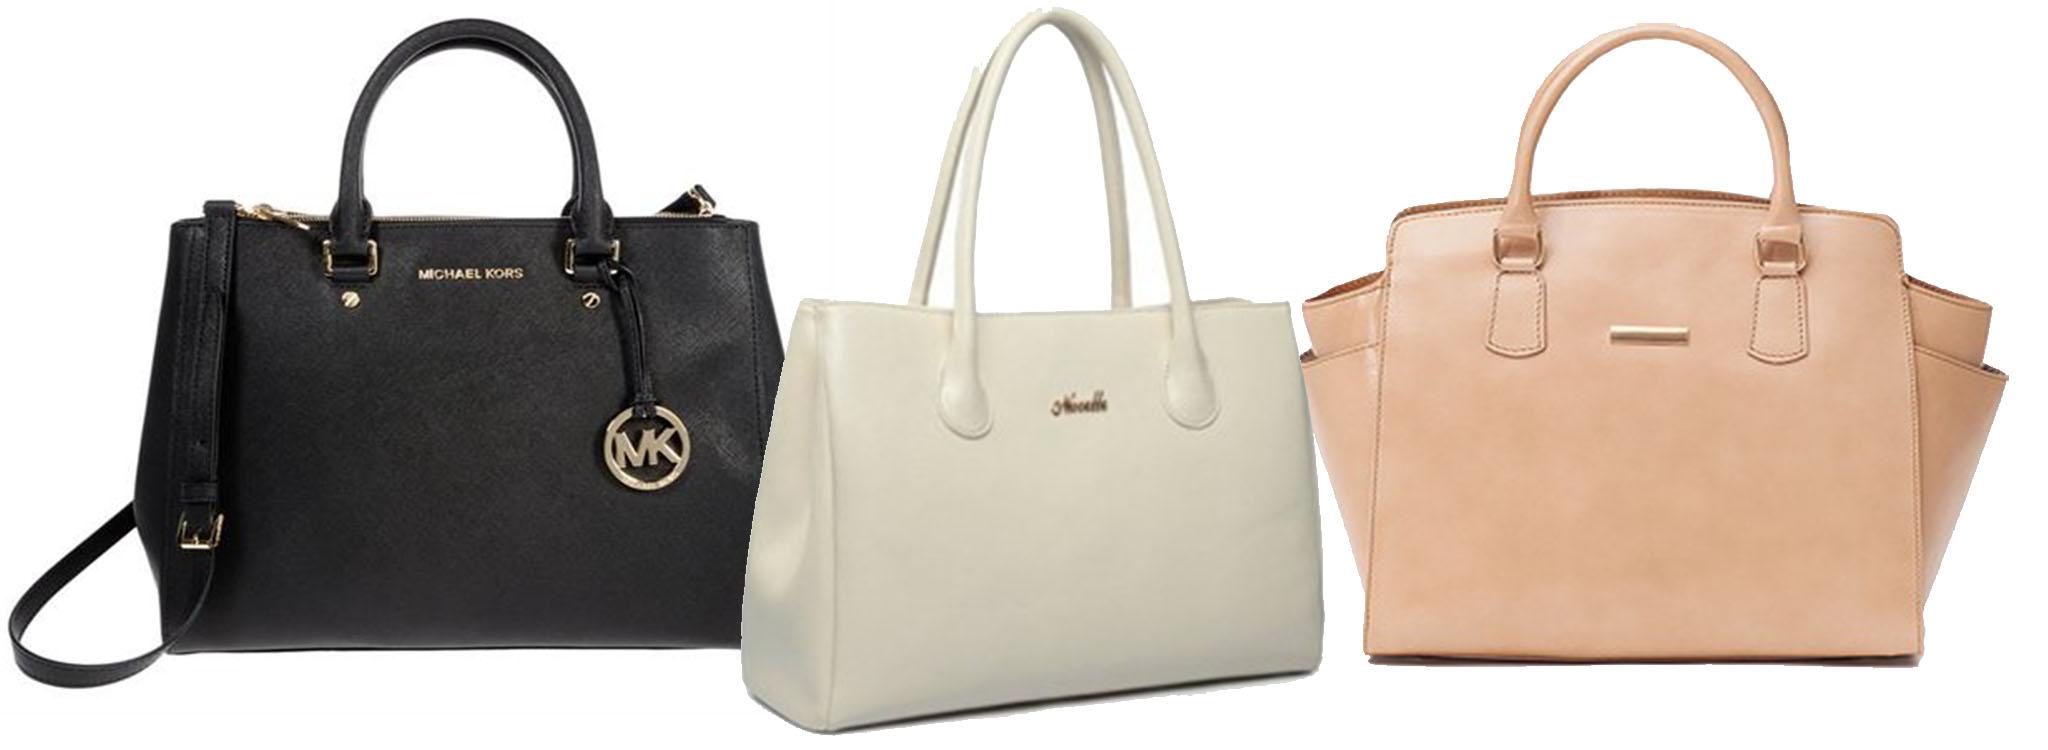 Jaką torebkę wziąć do pracy?